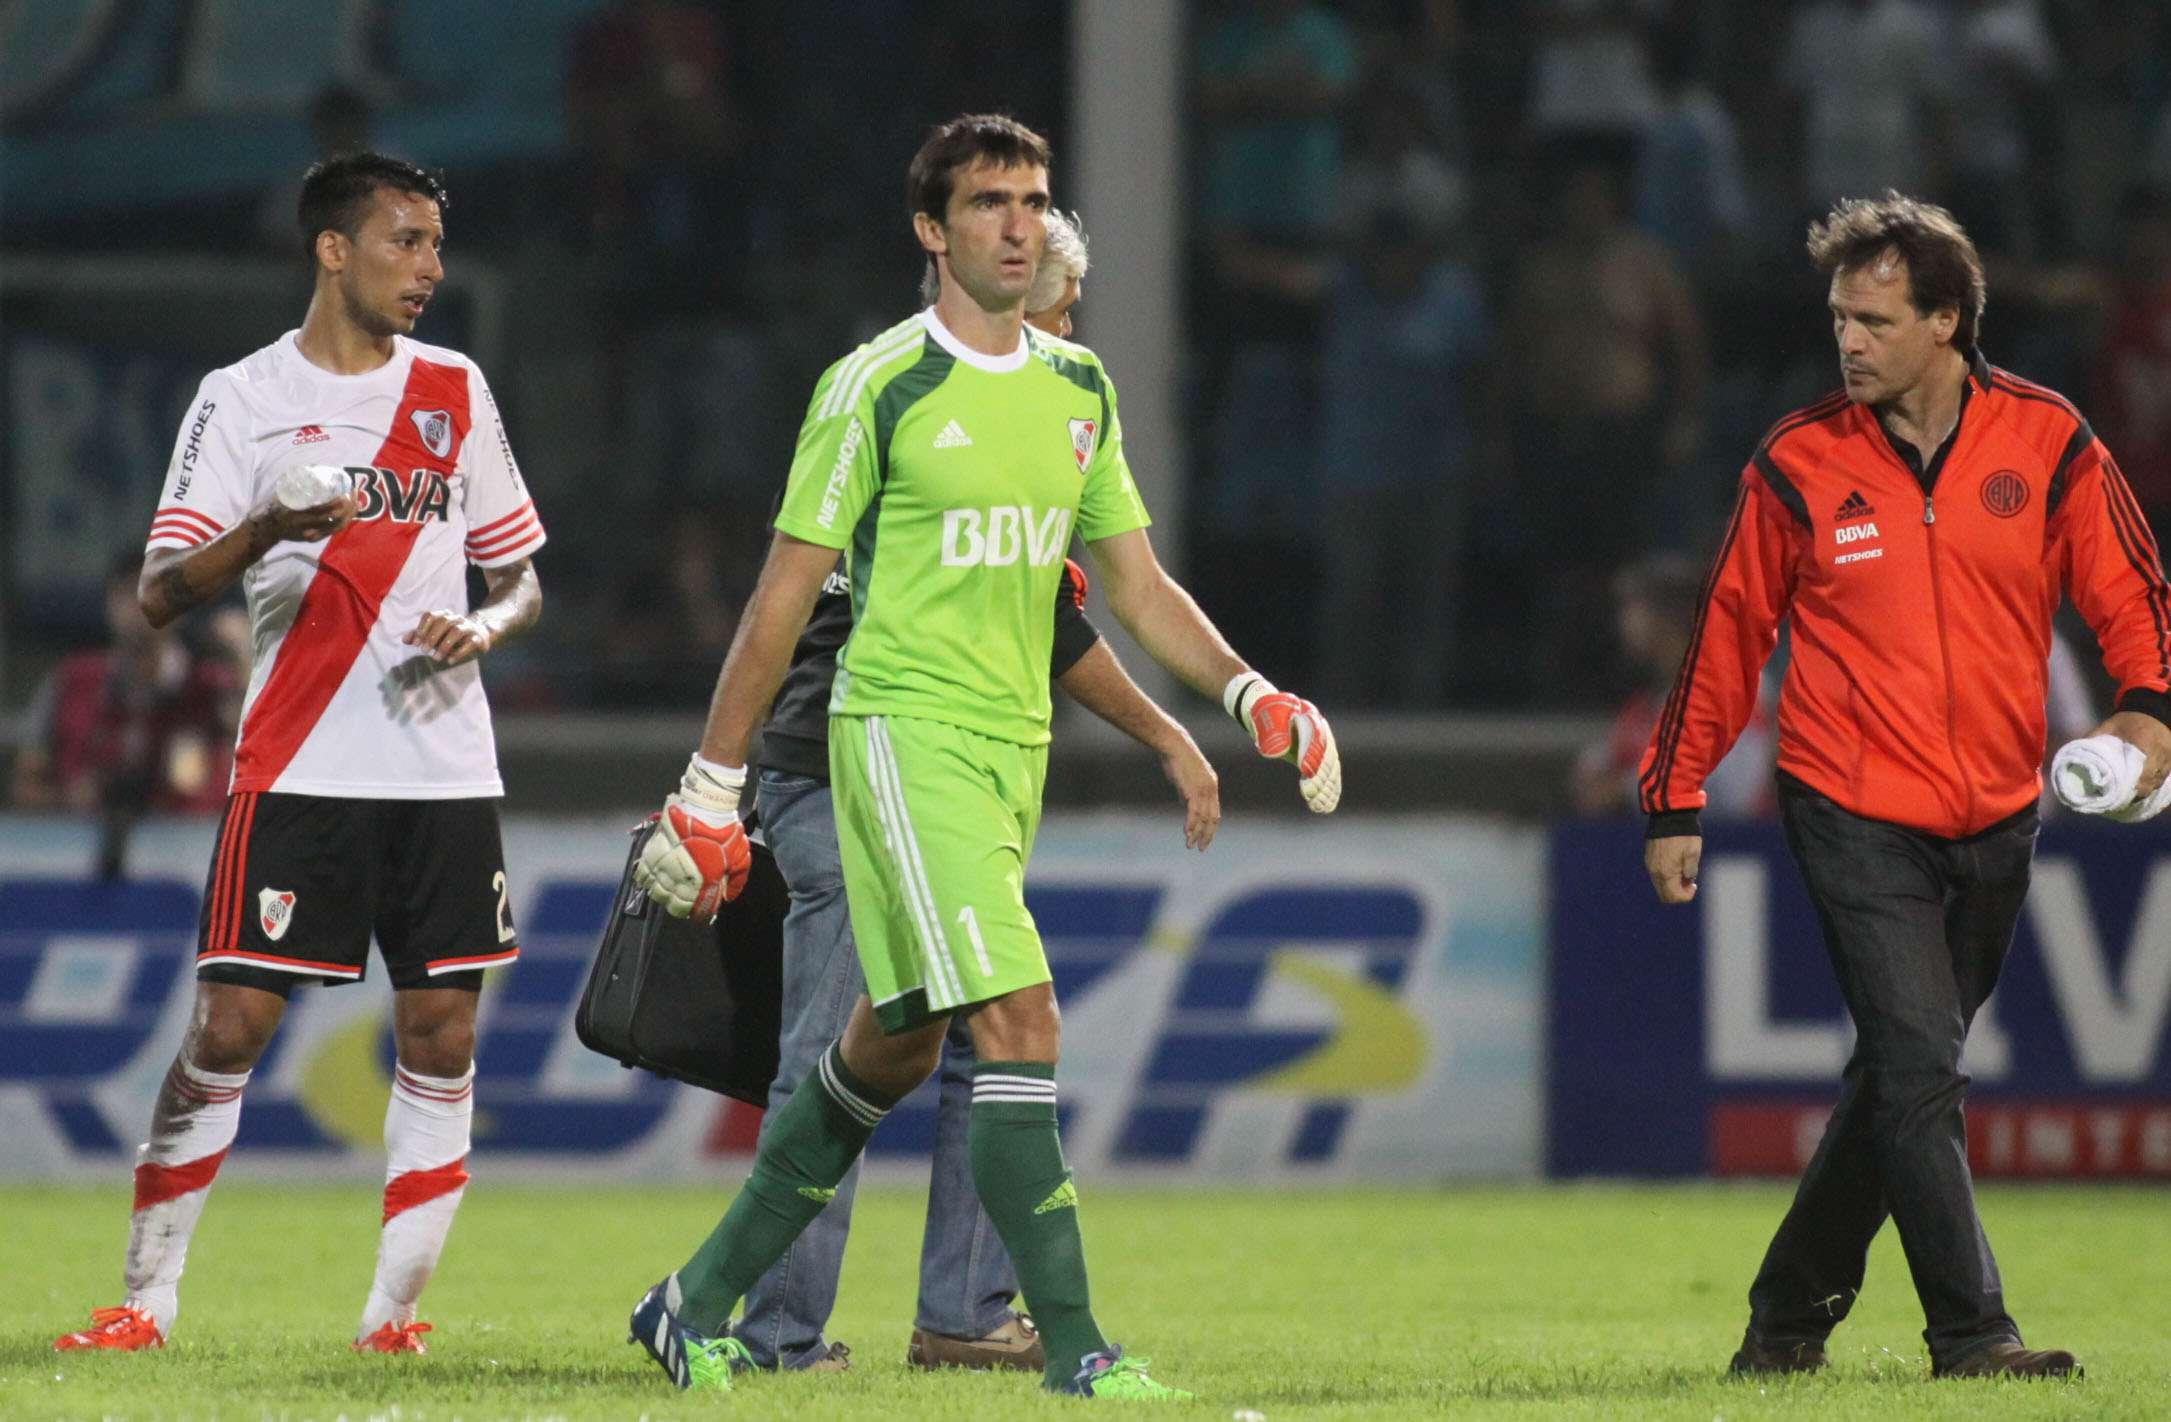 Barovero tuvo que ser reemplazado ante Belgrano. Foto: Noticias Argentinas